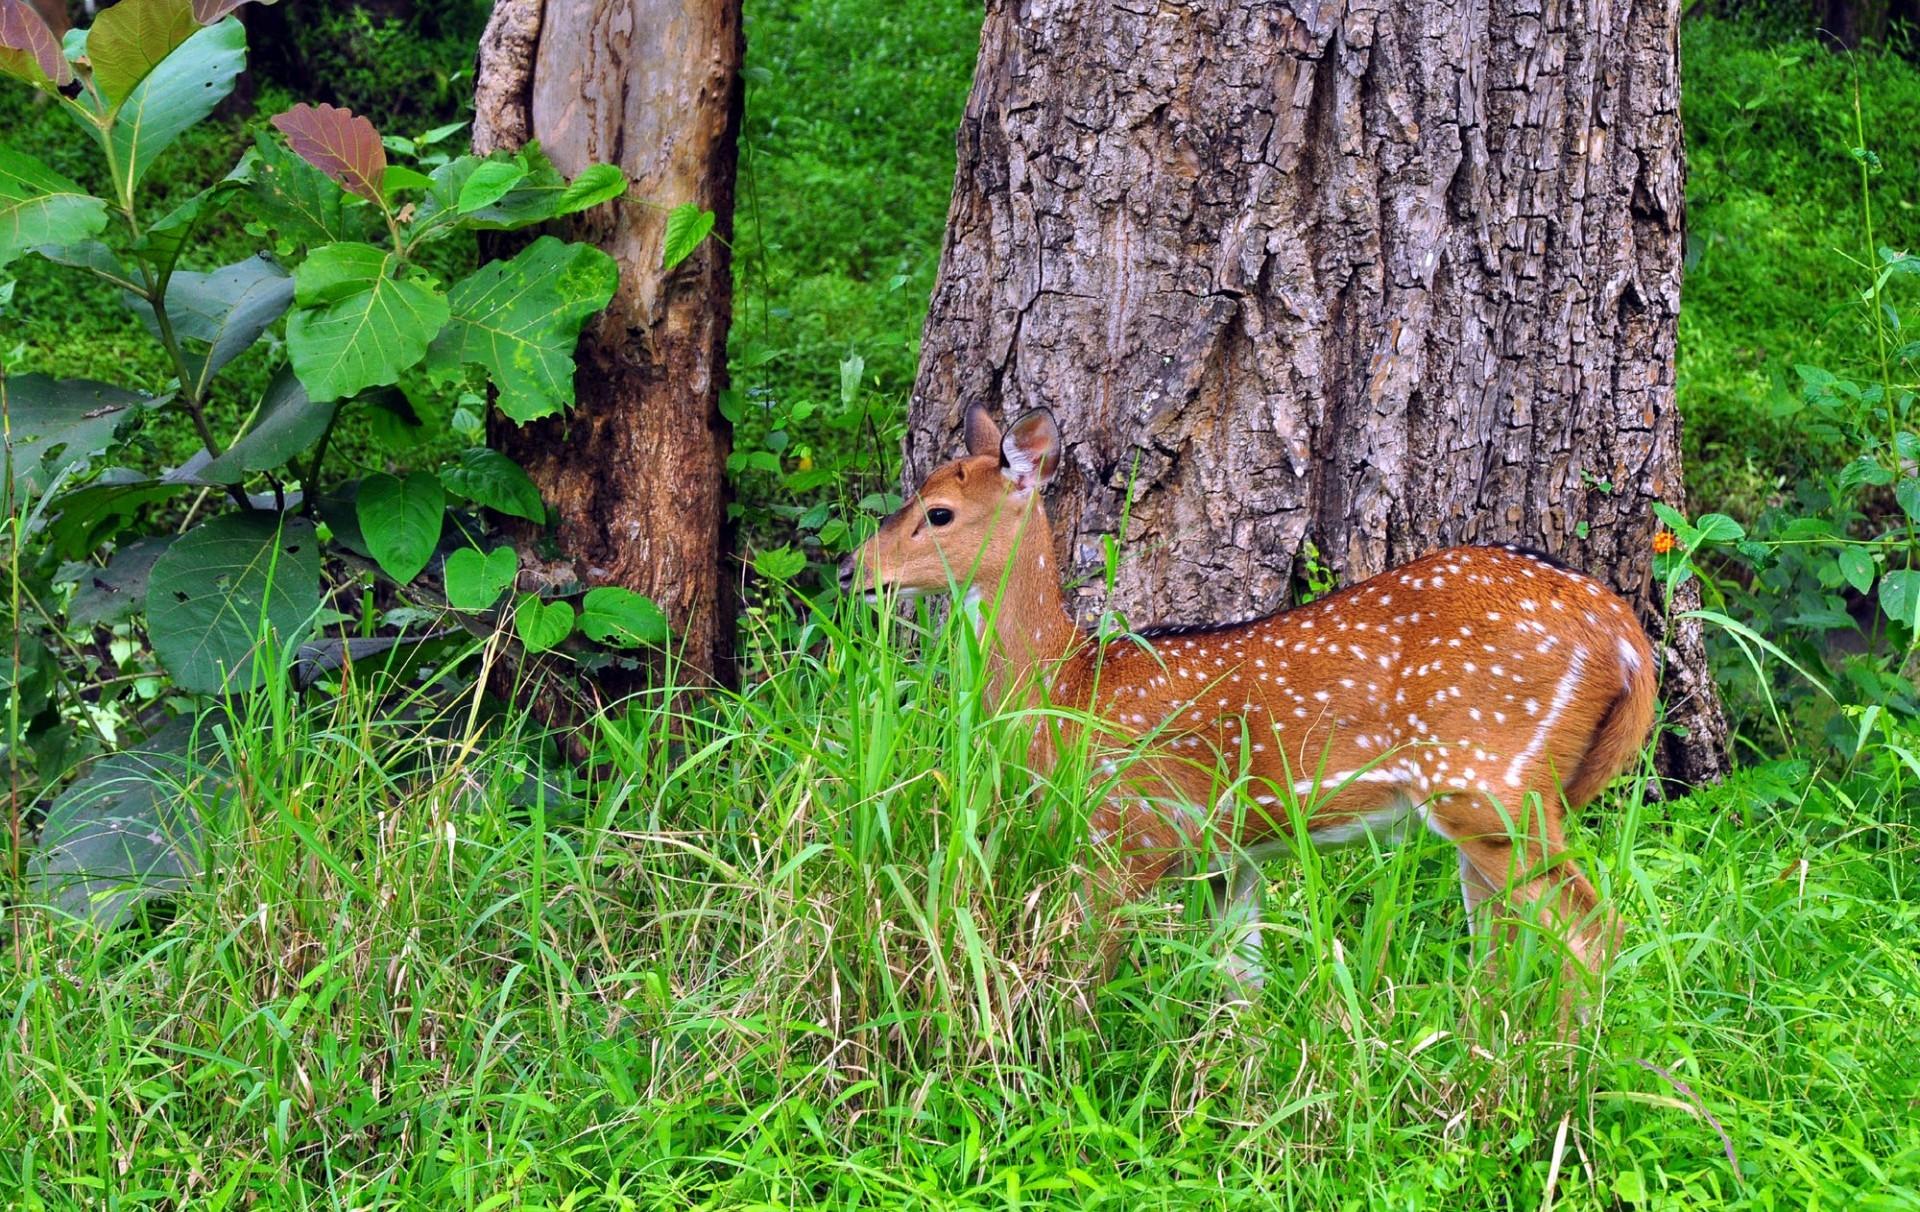 Santuario de vida silvestre Parambikulam